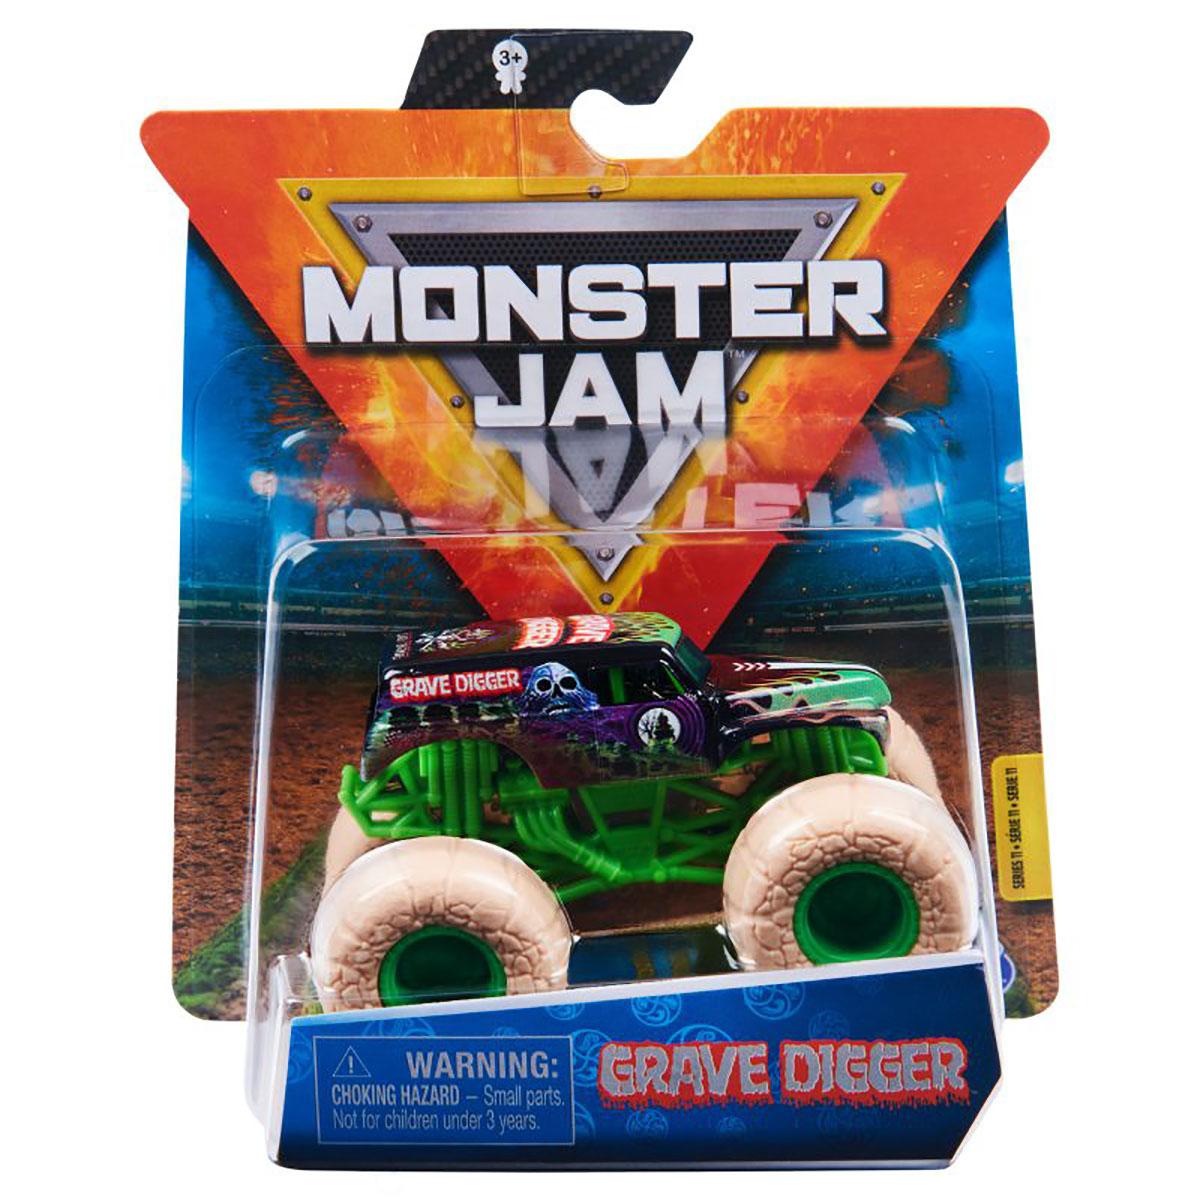 Masinuta Monster Jam, Scara 1:64, Grave Digger, Verde